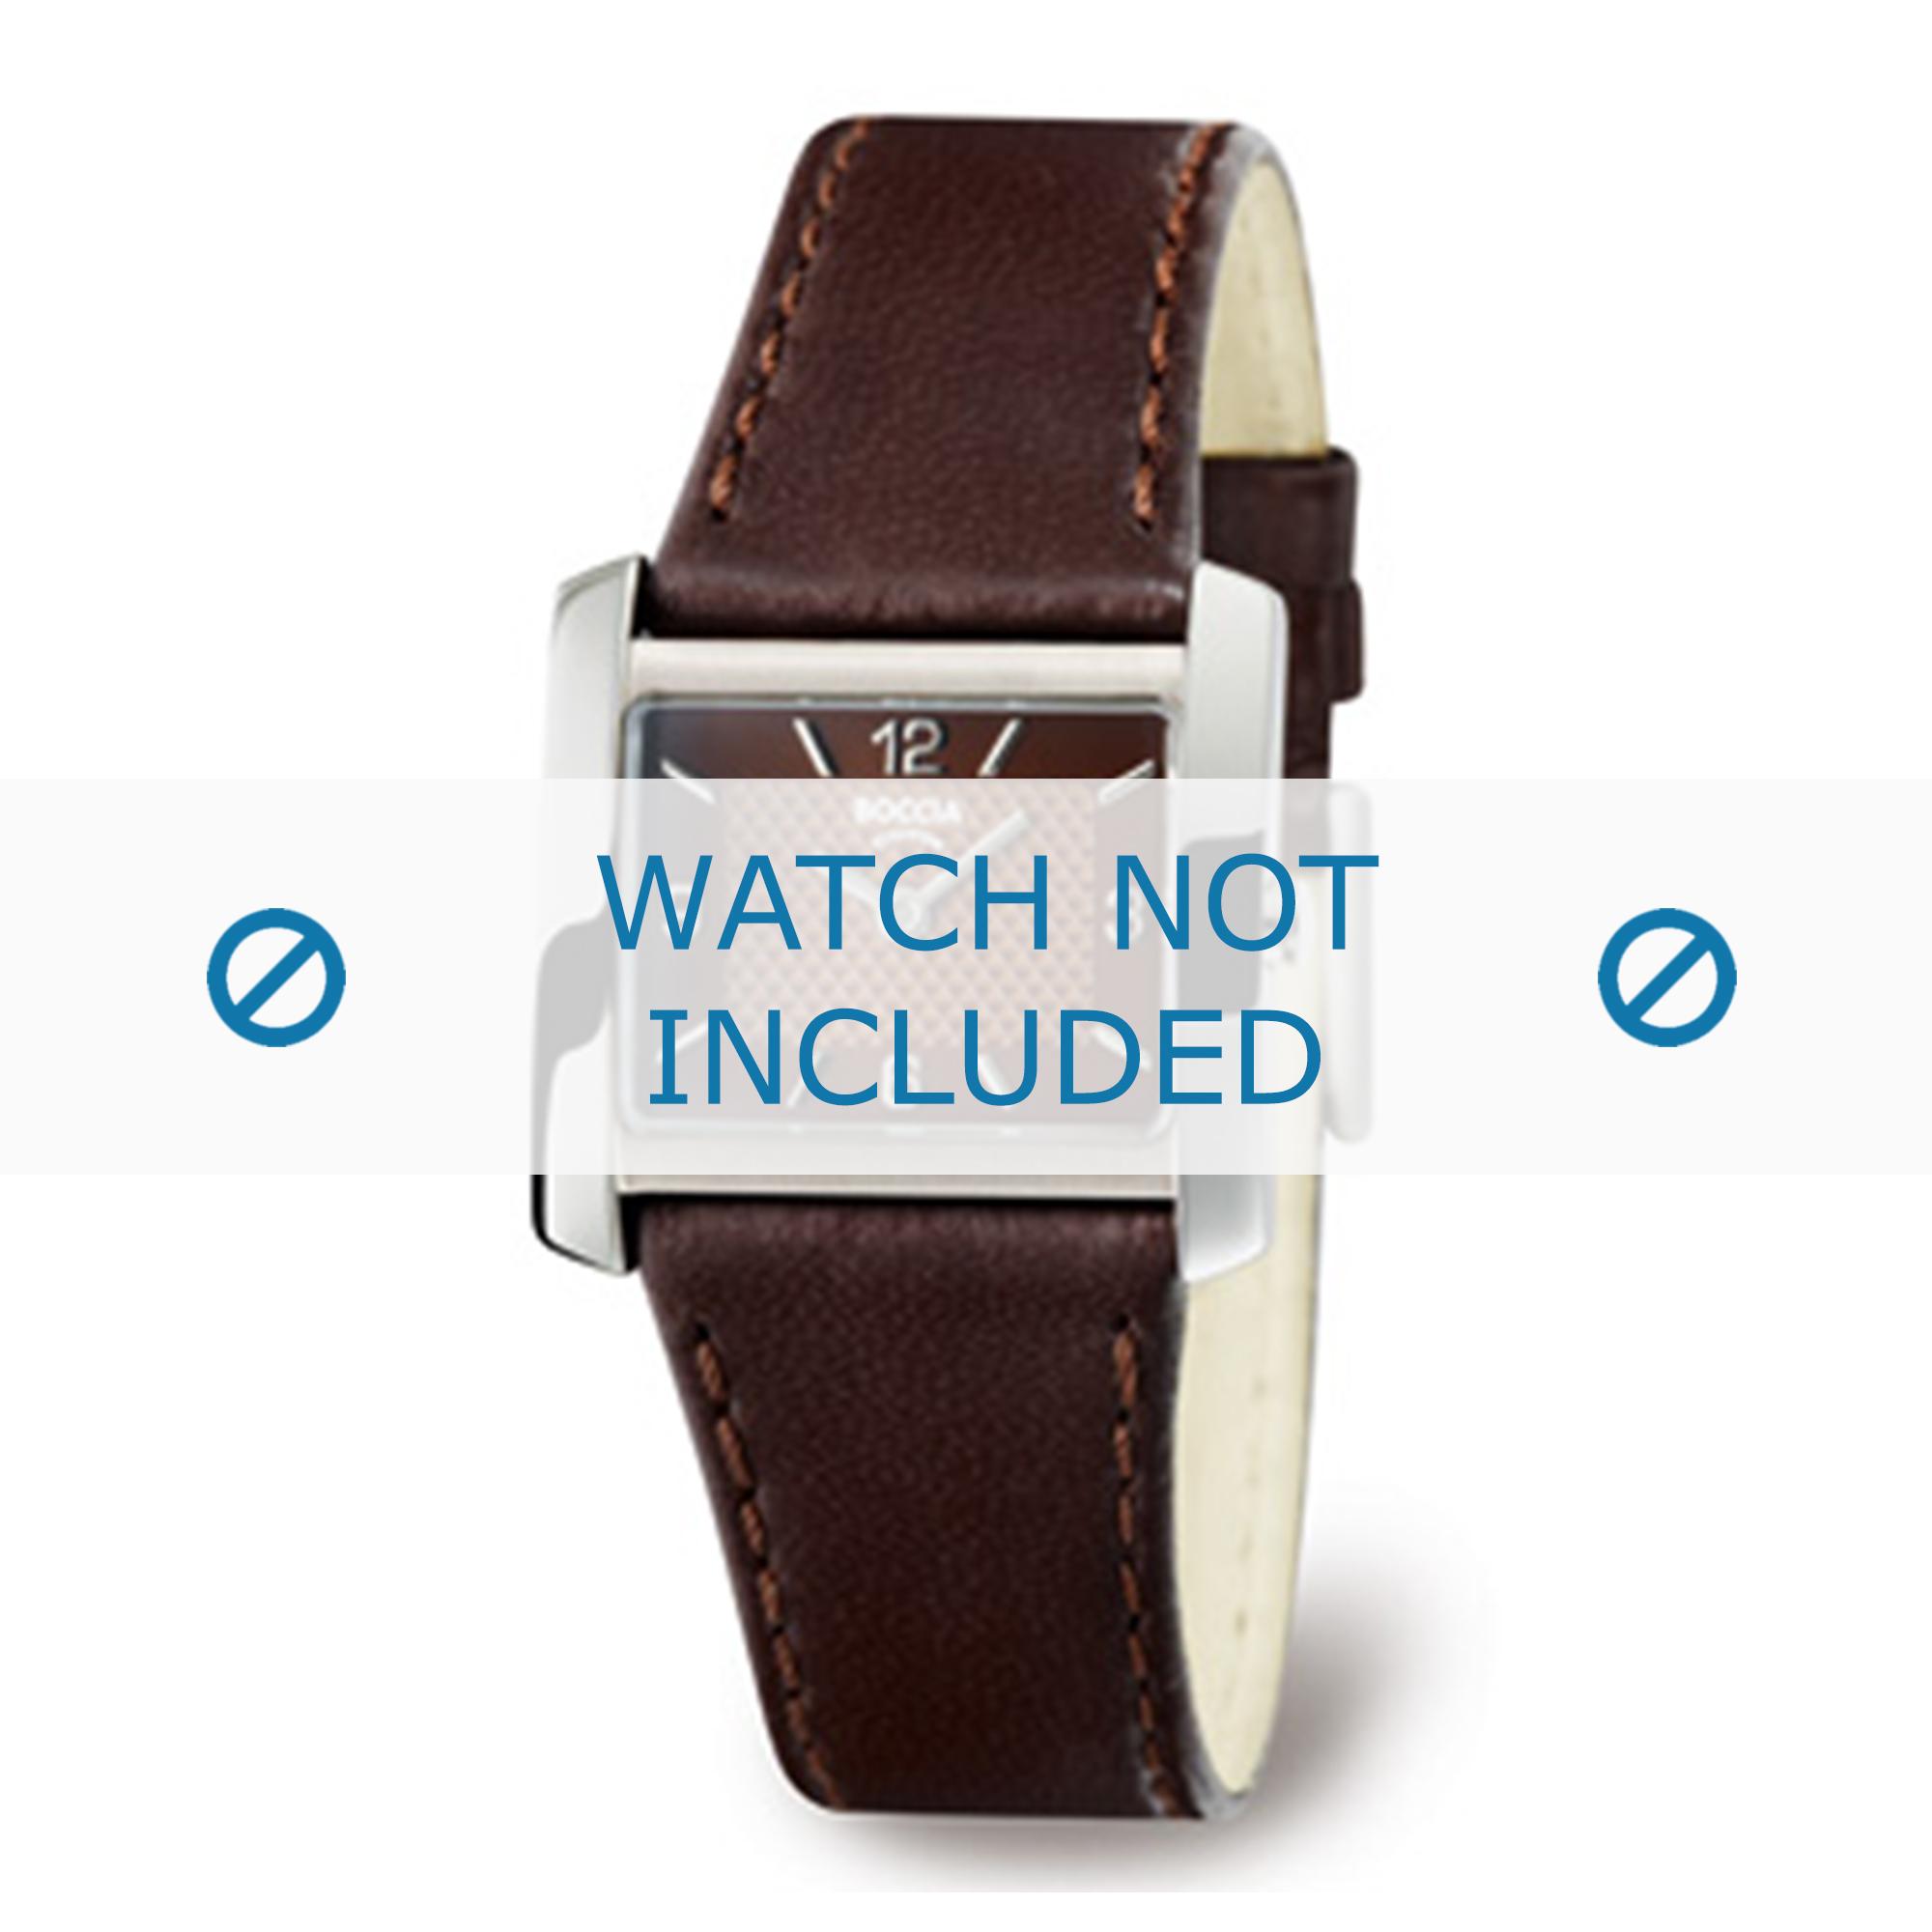 Boccia horlogeband 3155-02-BO3155-02-40 Leder Bruin 22mm + bruin stiksel